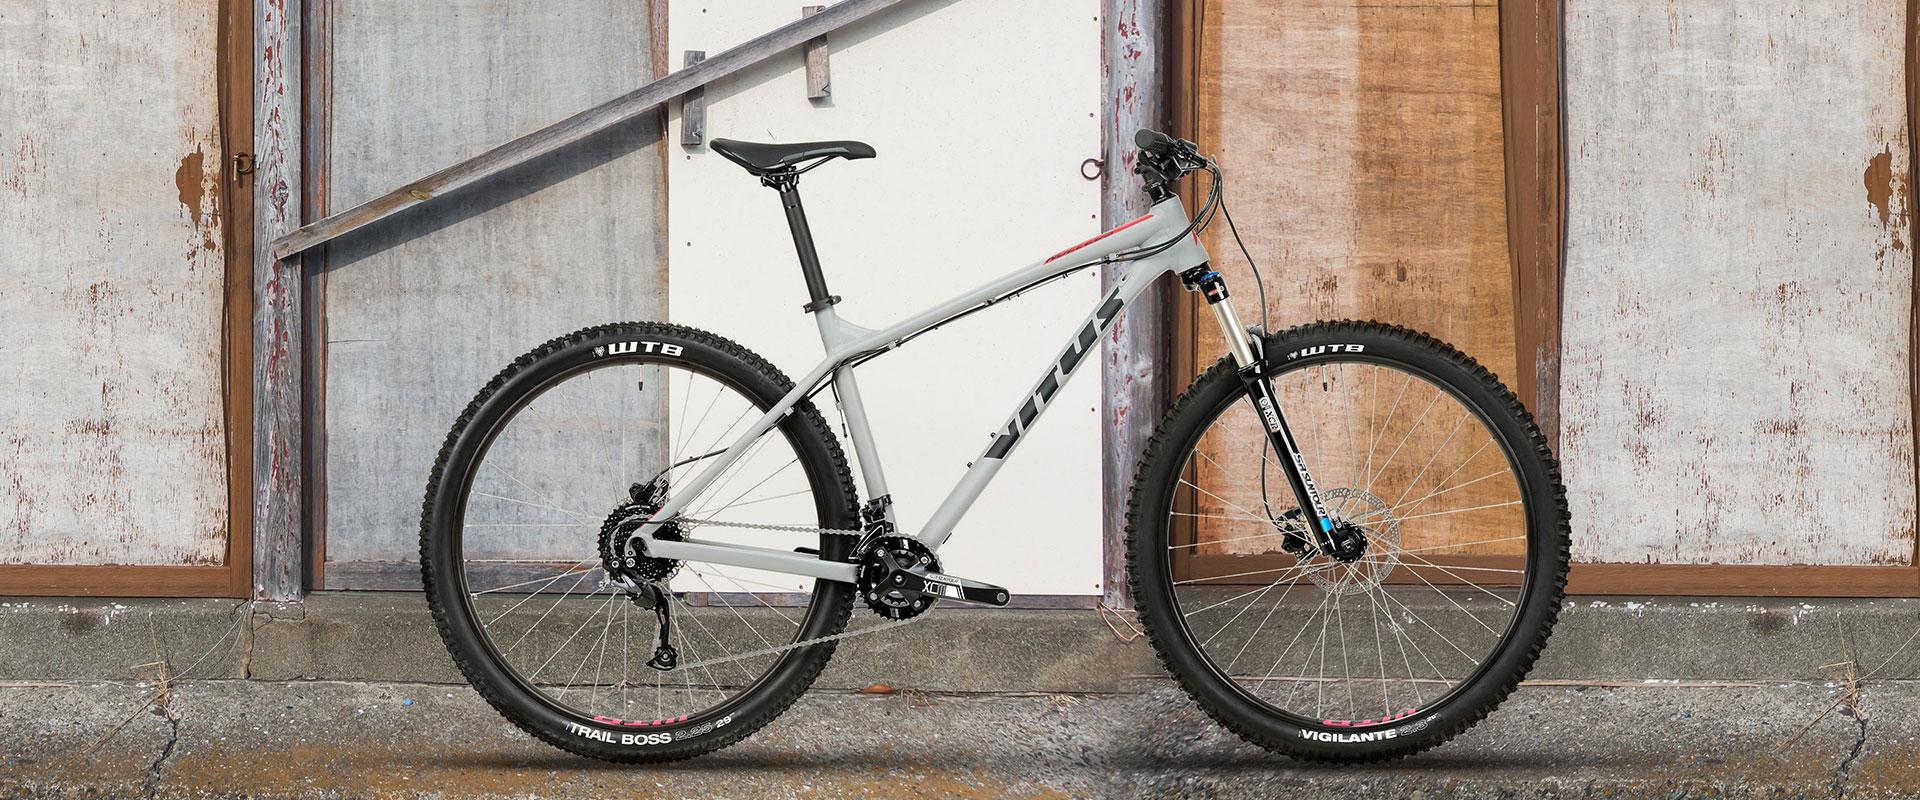 Nucleus 29 VR Bike Altus 2x9